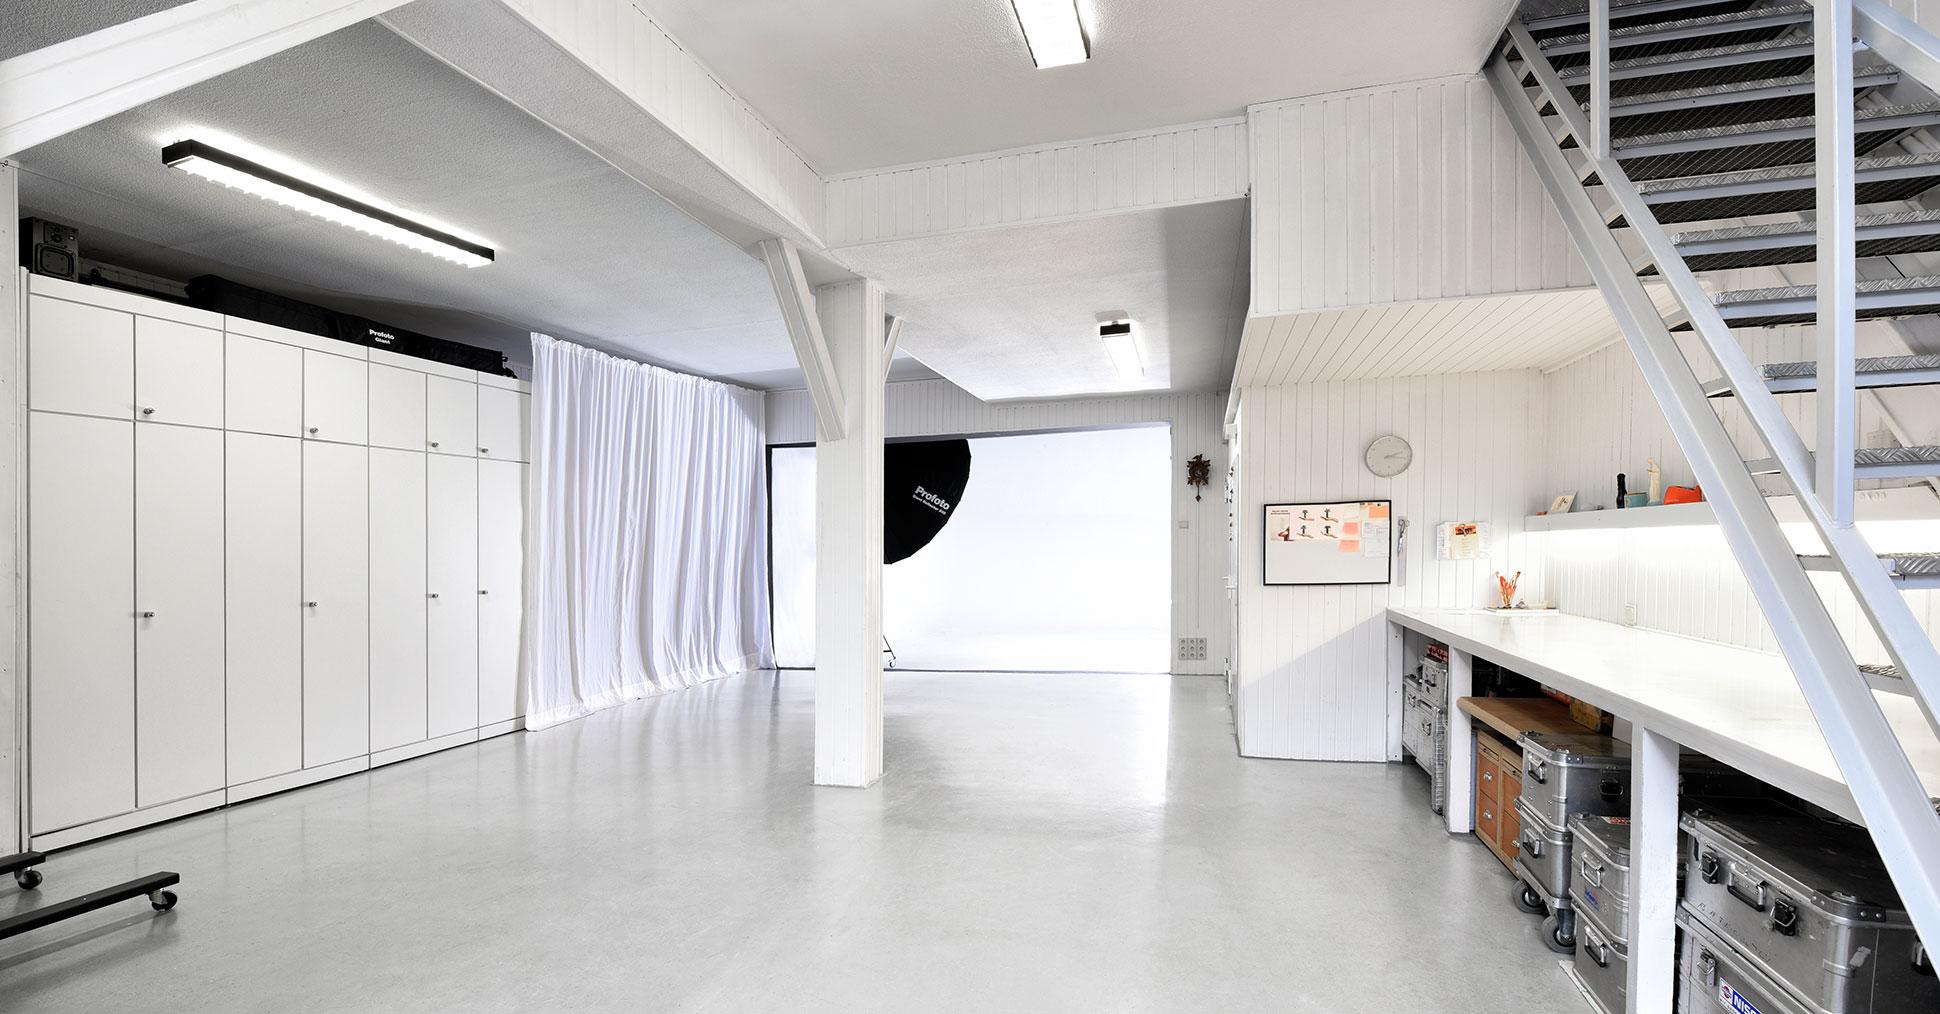 Studio39_unten